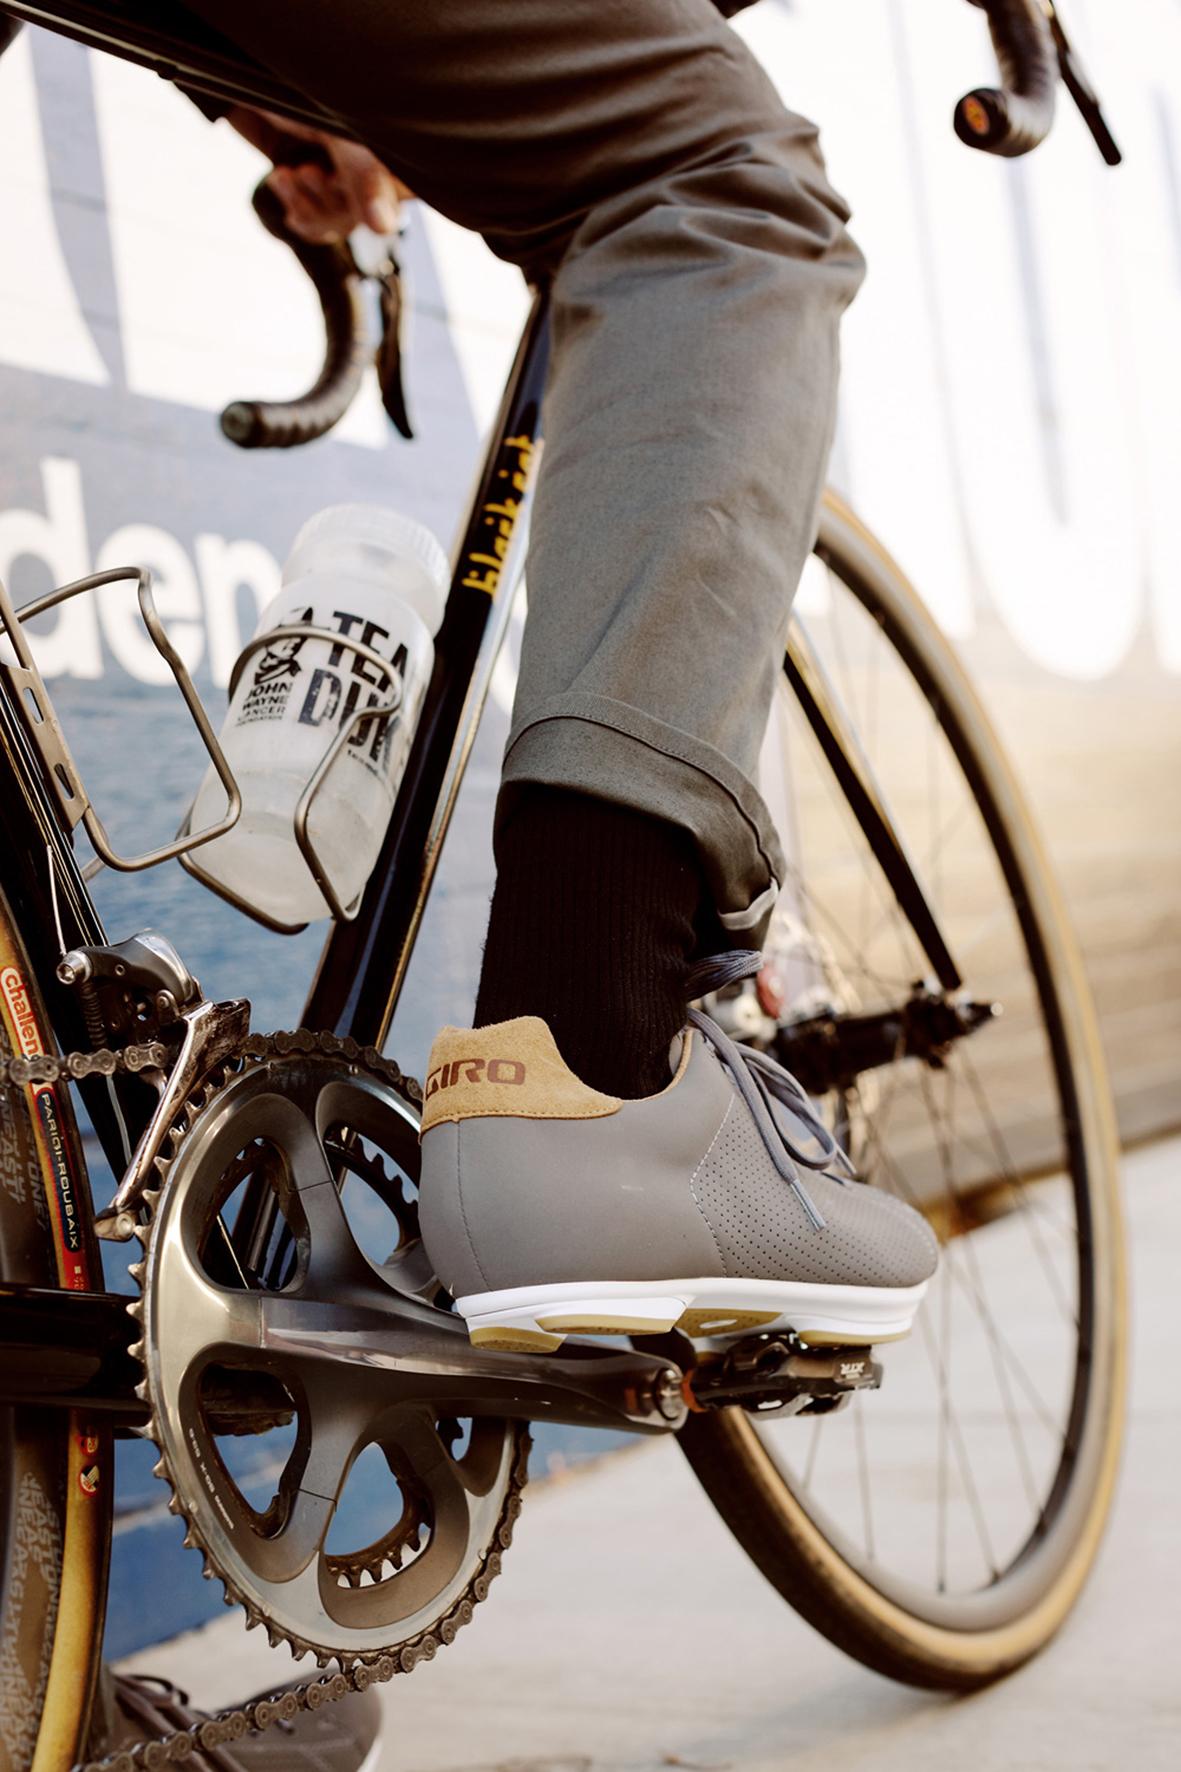 mid Düsseldorf - Ausgestattet mit den richtigen Accessoires kommen Fahrradkette und Bekleidung erst gar nicht miteinander in Berührung.